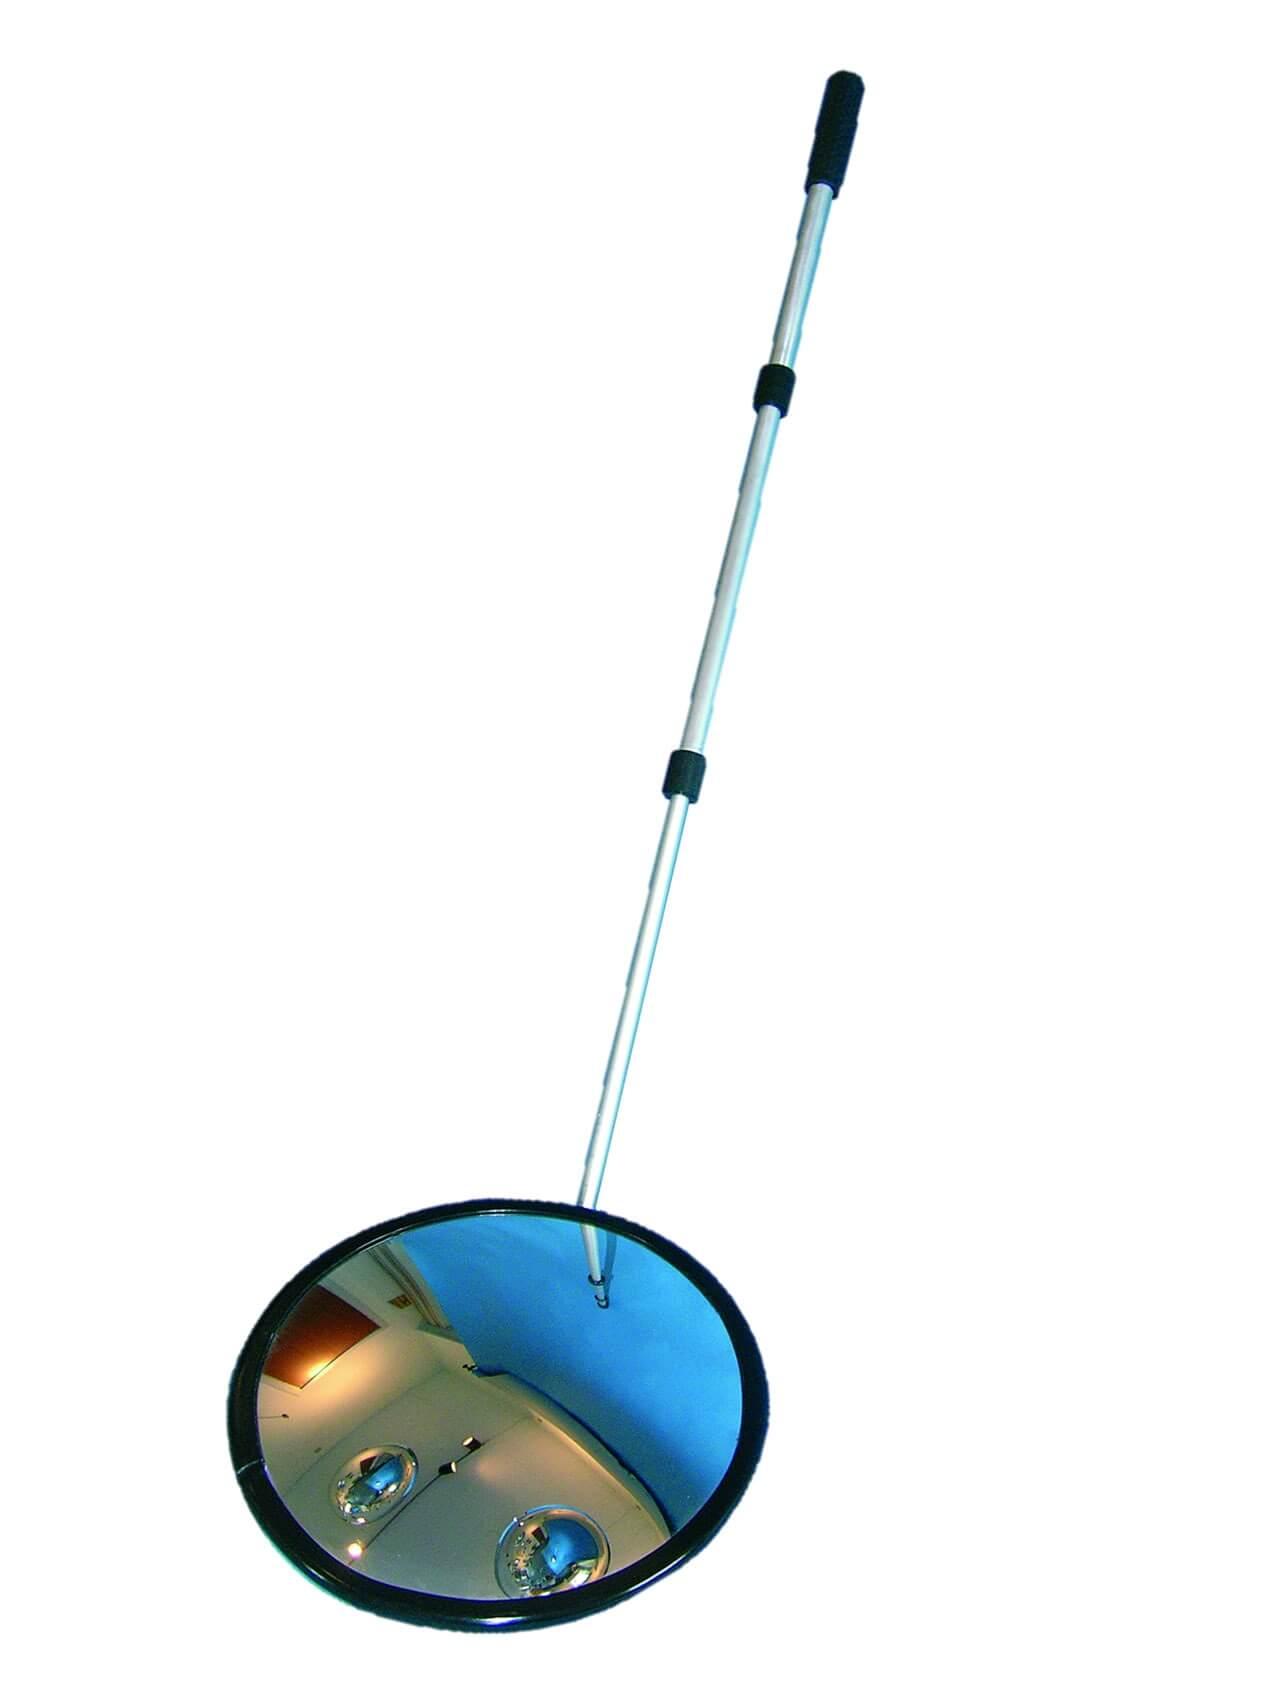 Inspektionsspiegel rund 35 cm, mit Rollenfüßen